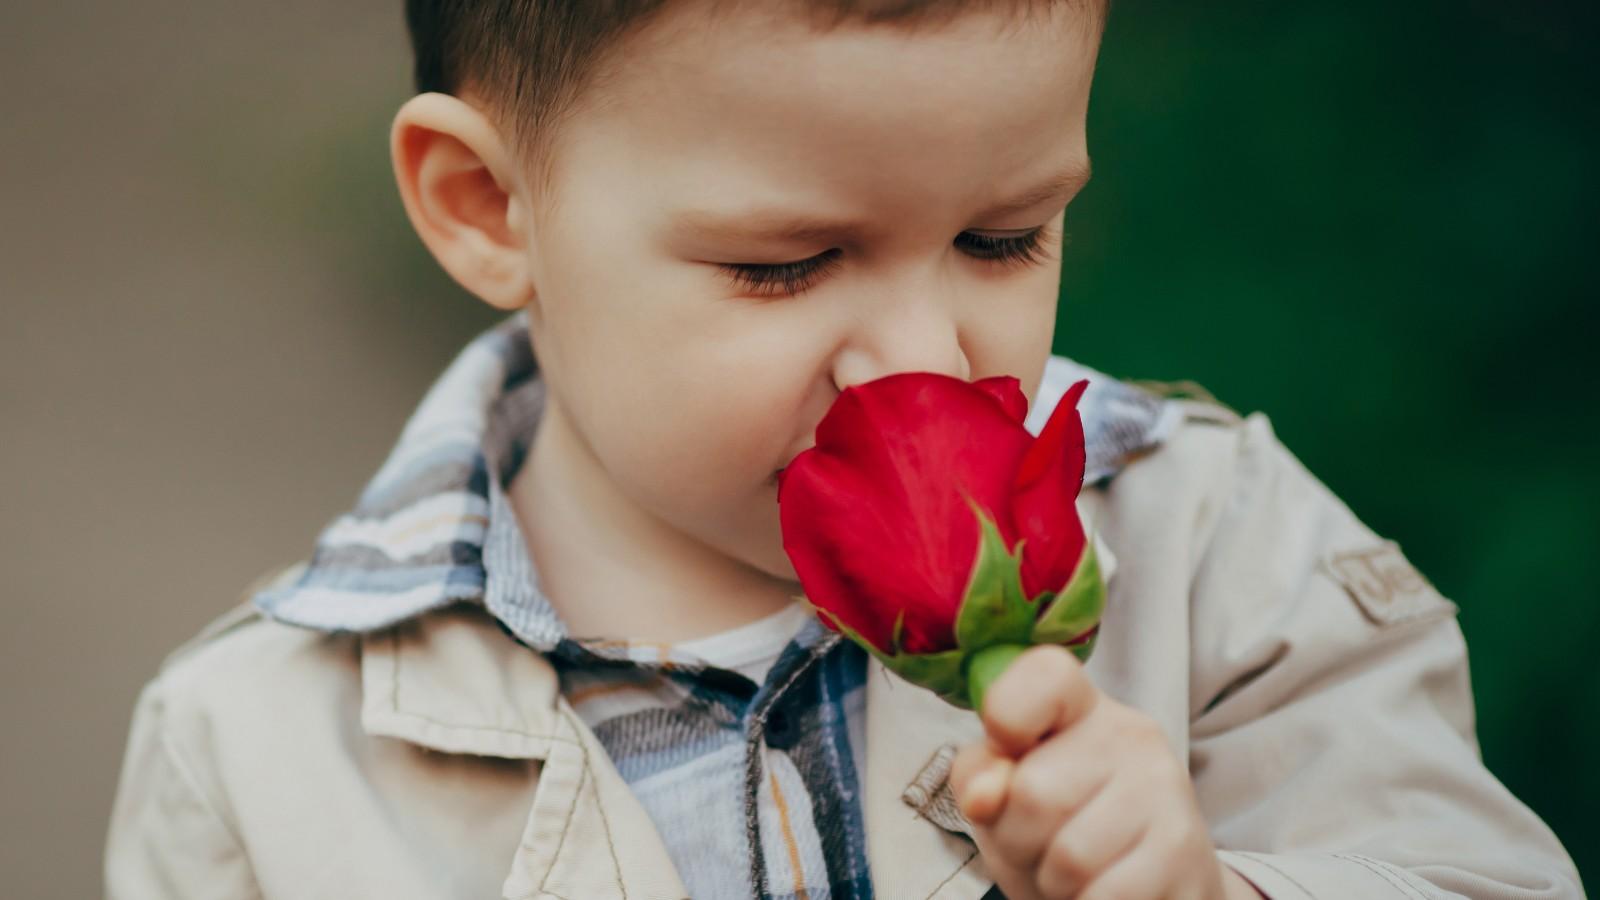 Actividades para el olfato Para entrenar este sentido, podrías esconder en pequeñas cajitas objetos que desprendan olores fuertes. Por ejemplo: Canela, limón, jabón, caramelos, entre otros. Preséntale una por una y pregúntale que olores percibe.